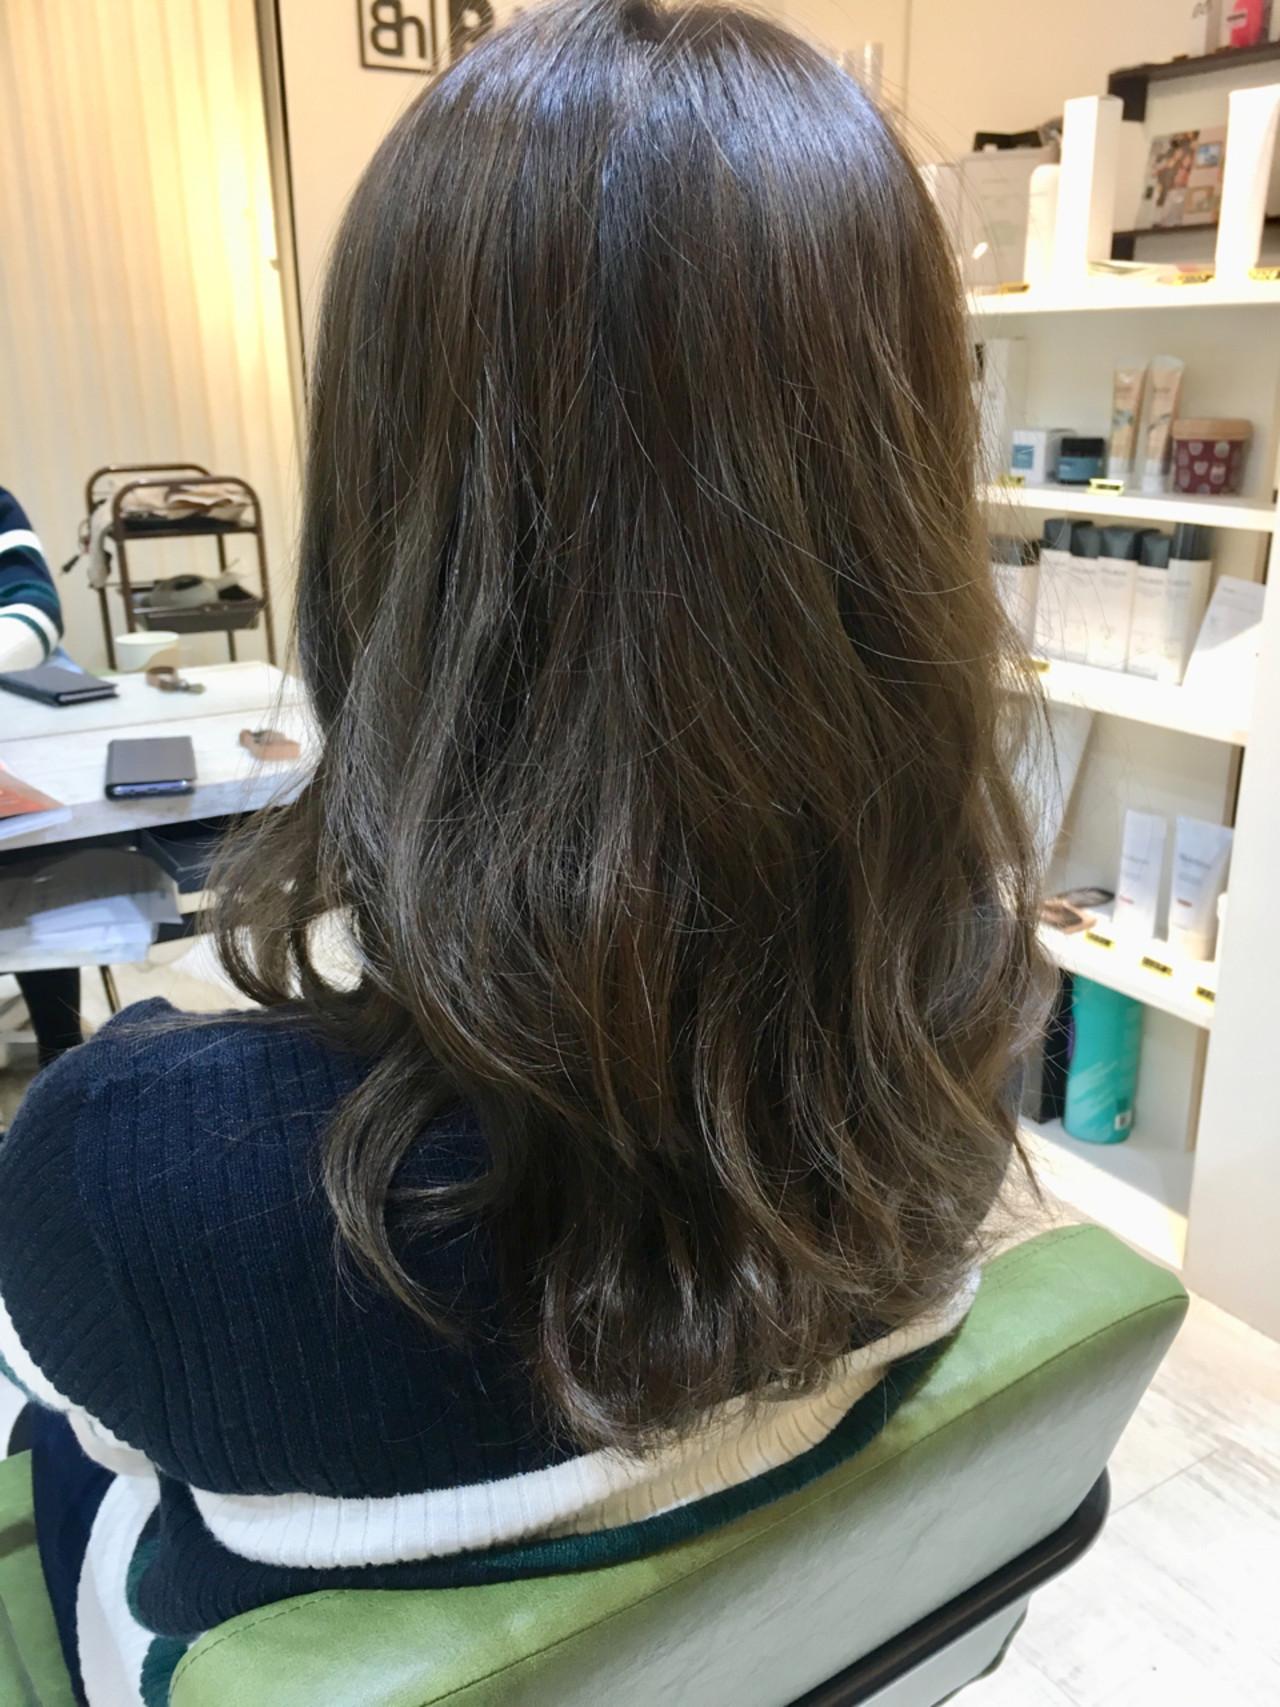 セミロング ゆるふわ トリートメント ウェーブ ヘアスタイルや髪型の写真・画像 | 尼子卓 / Hair salon Bi-ne